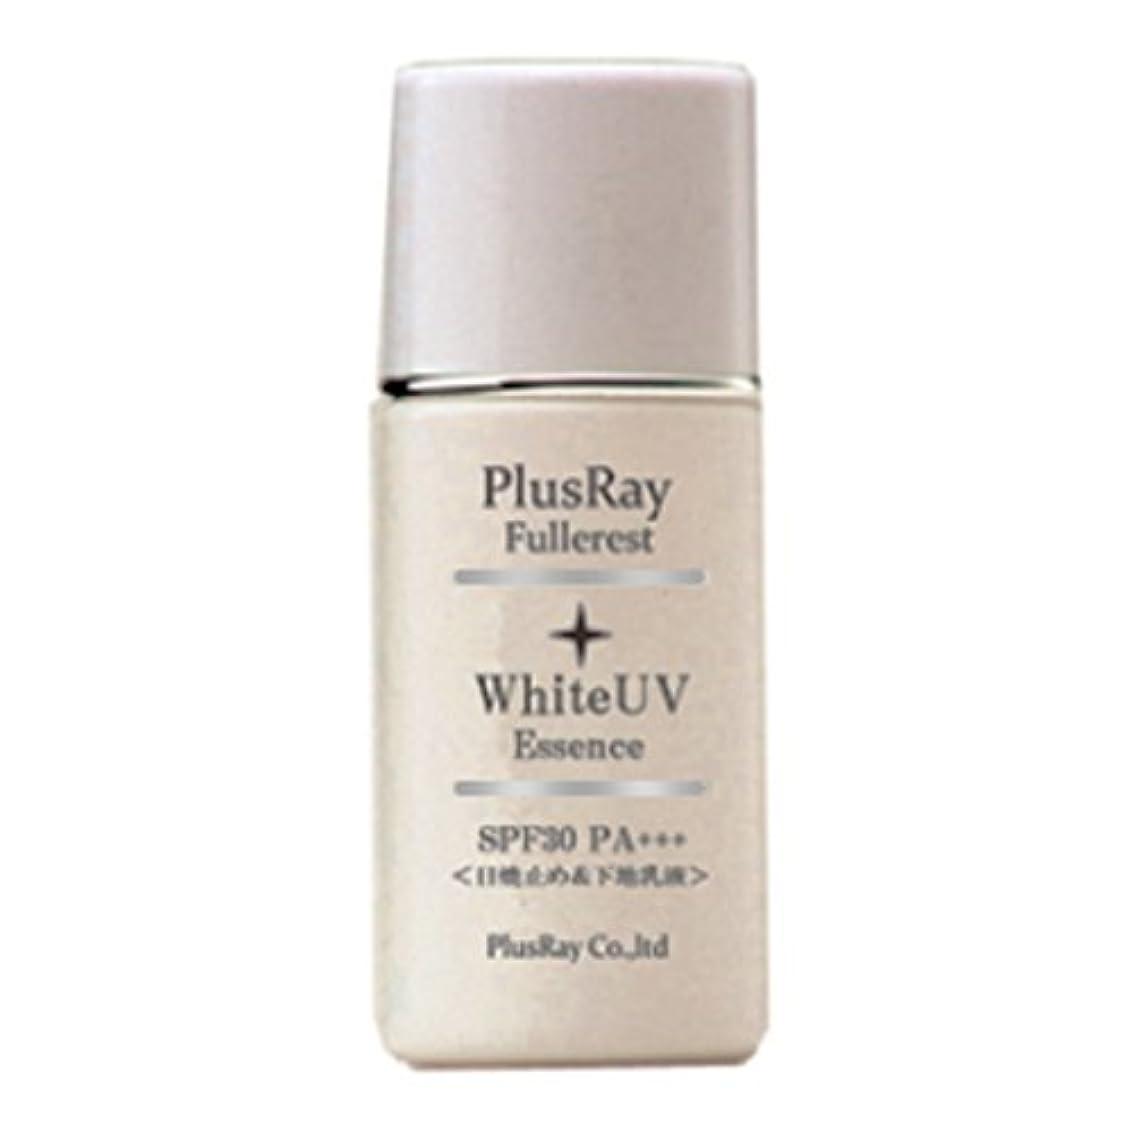 クレーター煙突危険なプラスレイ(PlusRay)化粧品 フラーレスト ホワイト UV エッセンス 化粧下地 紫外線対策 A波 B波 対応 乳液タイプ